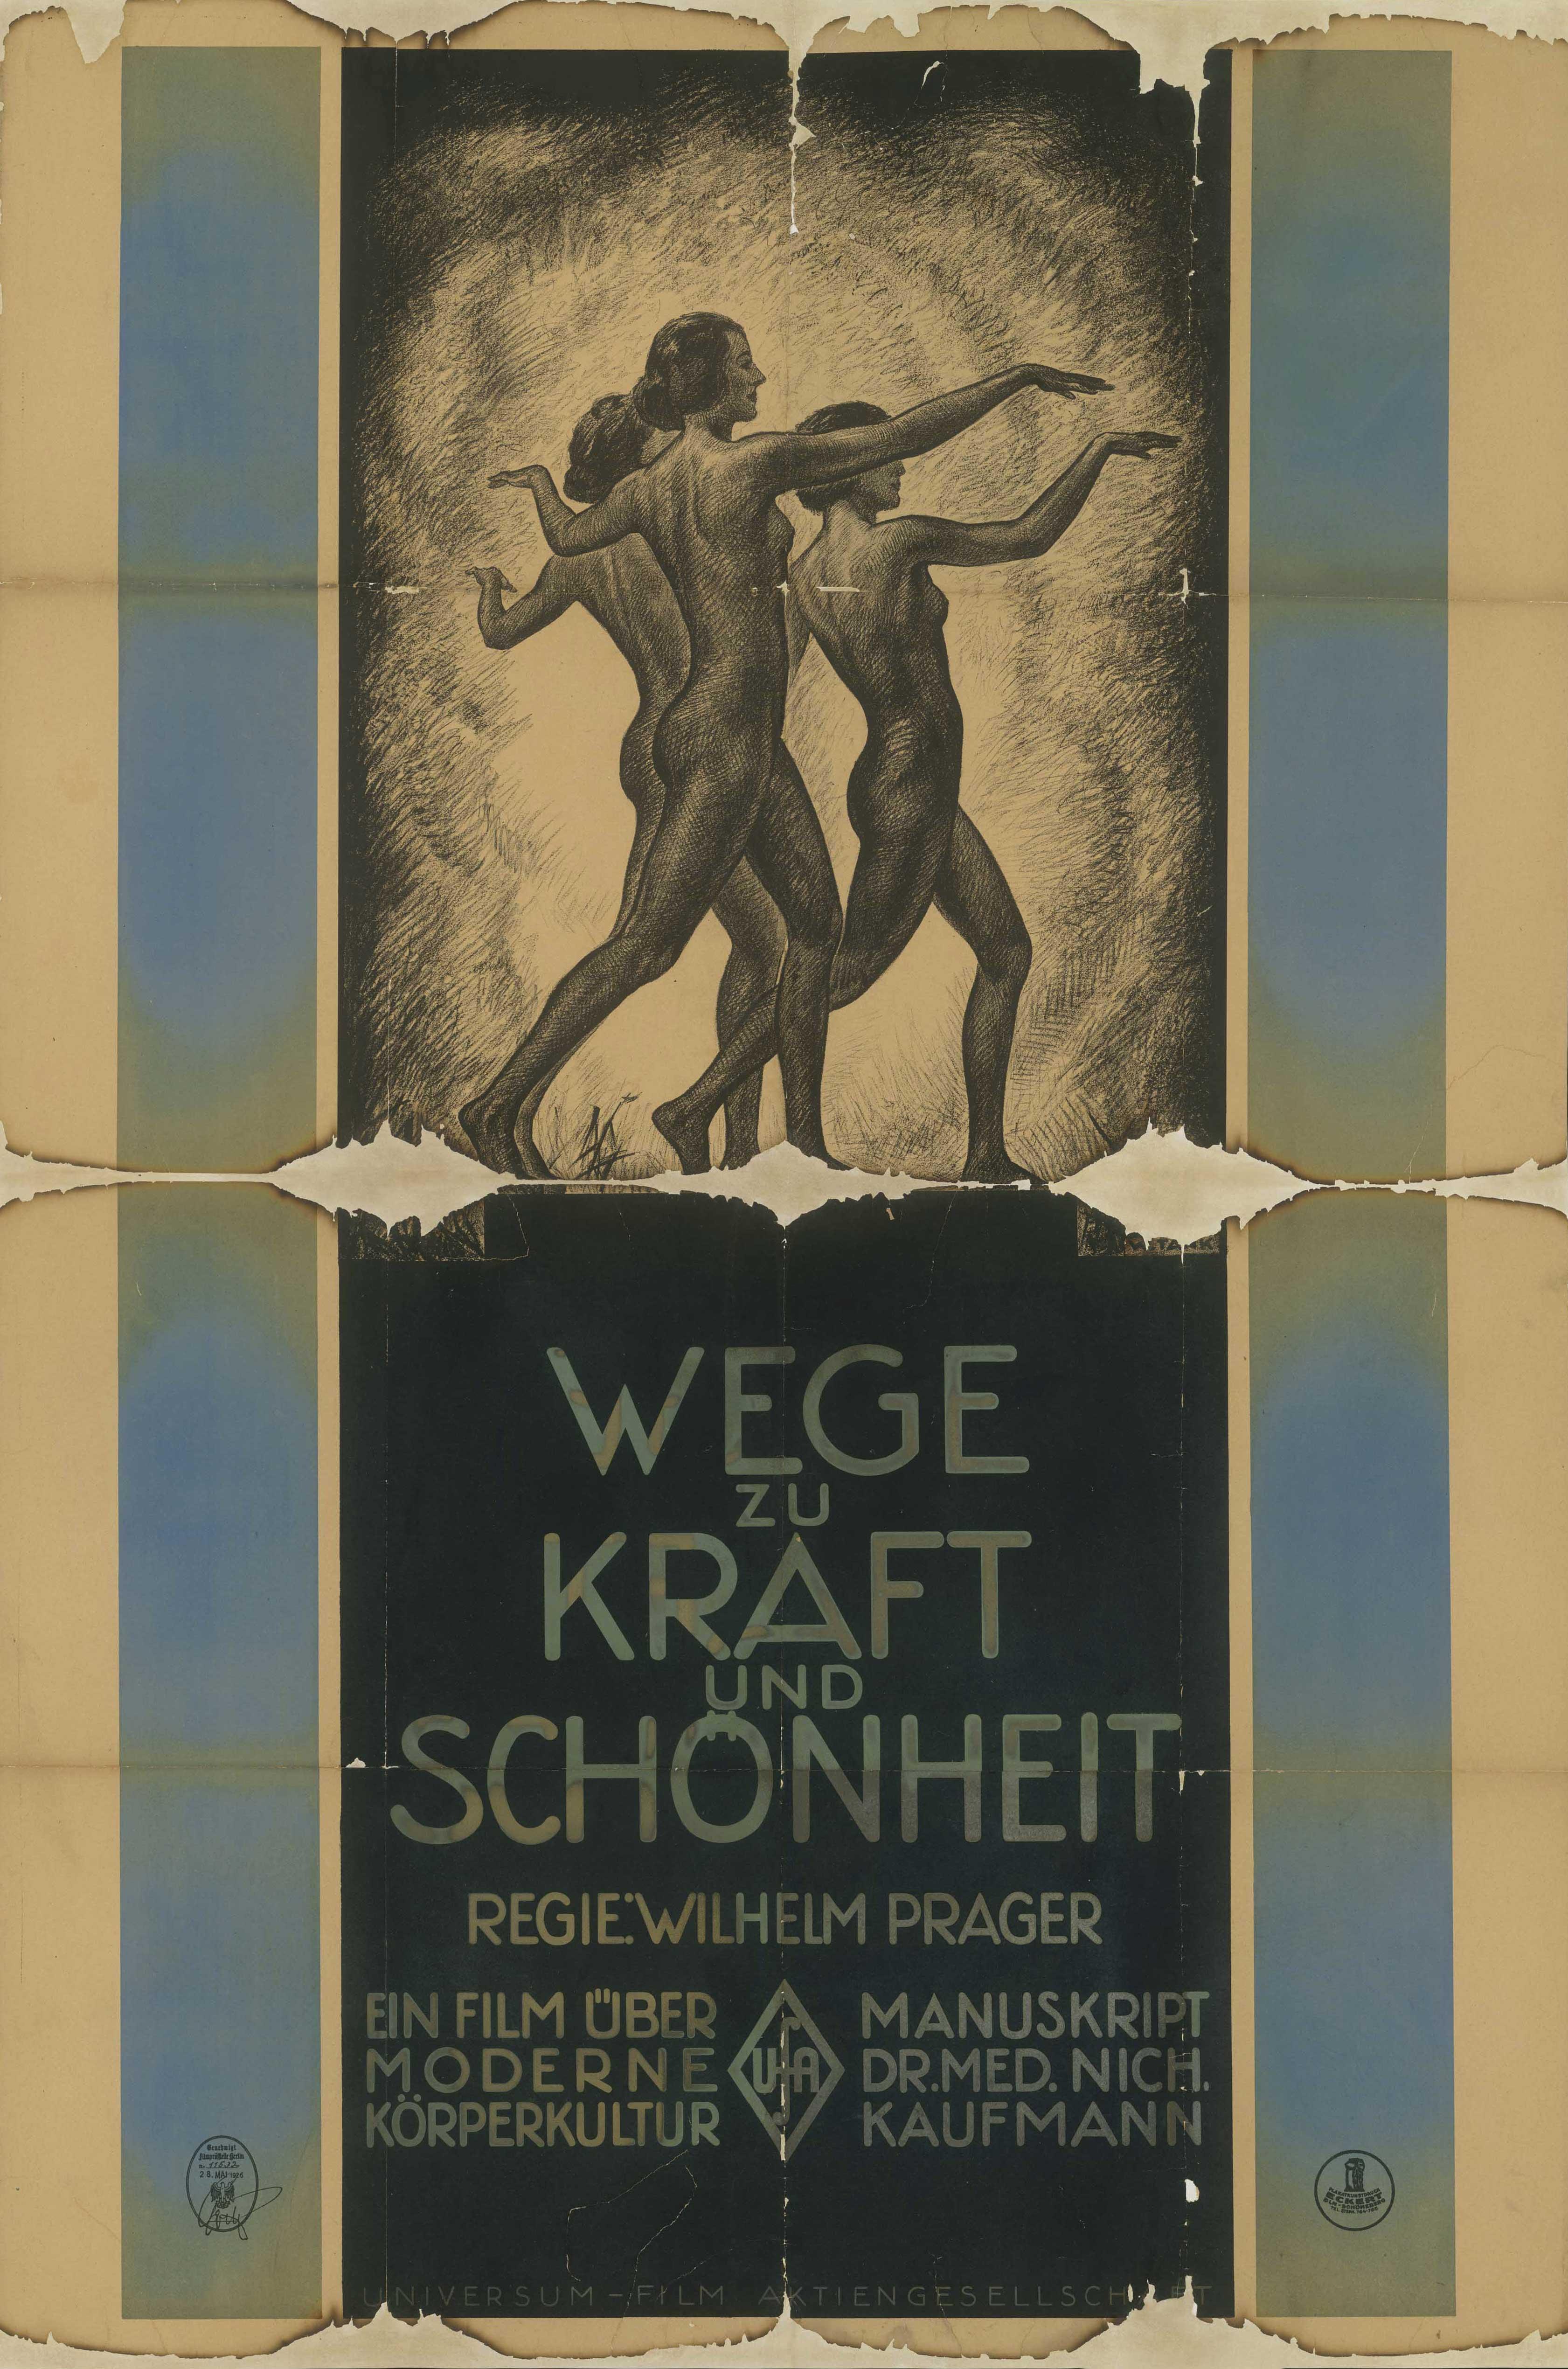 Filmplakat zu dem Film Wege zu Kraft und Schönheit, Deutschland 1925